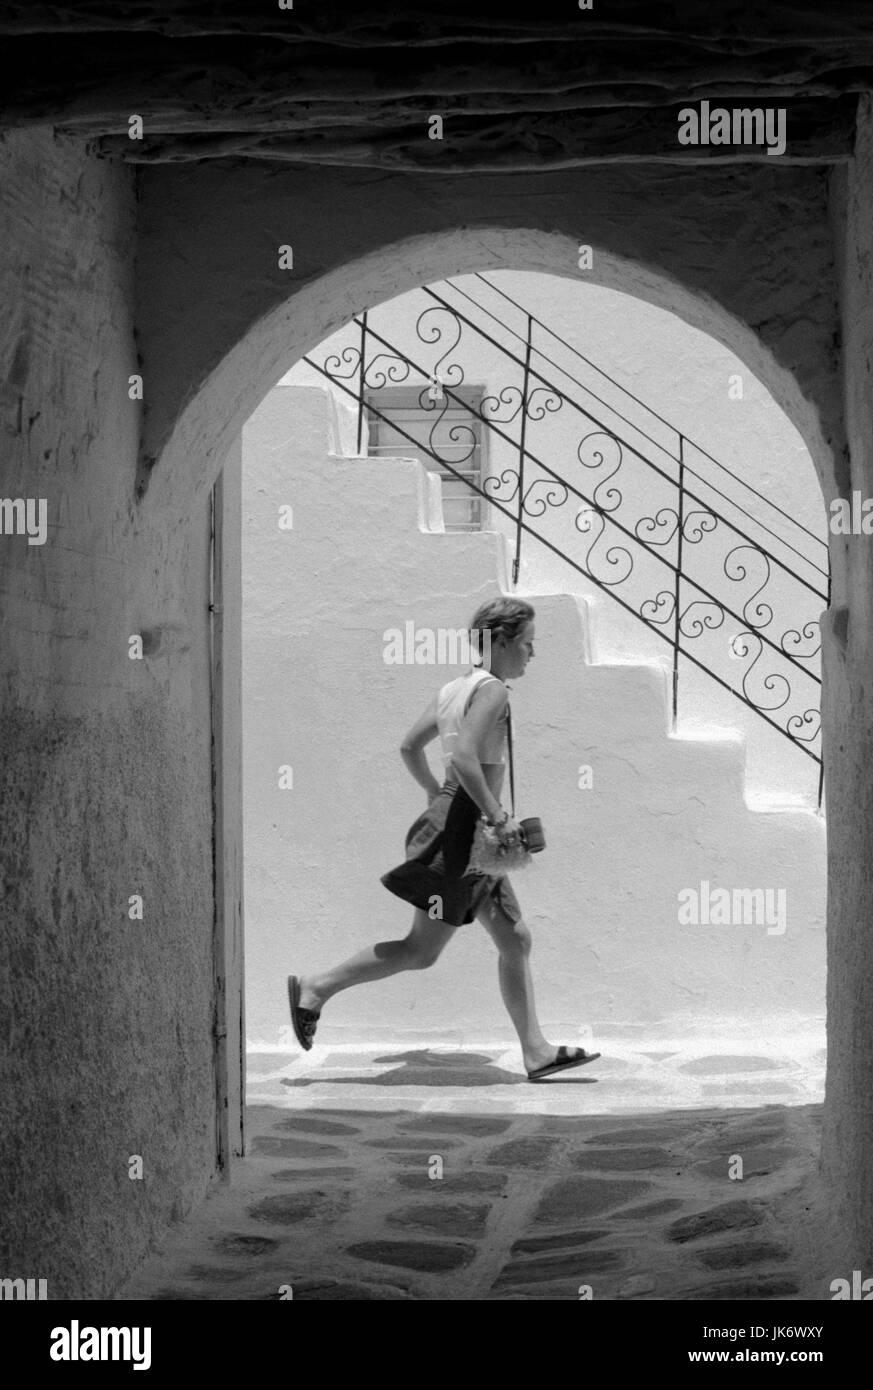 Griechenland, Kykladen, Insel Paros,  Gasse, Rundbogen, Mann, laufen, seitlich, s/w Kykladeninsel, Treppe, Stufen, - Stock Image